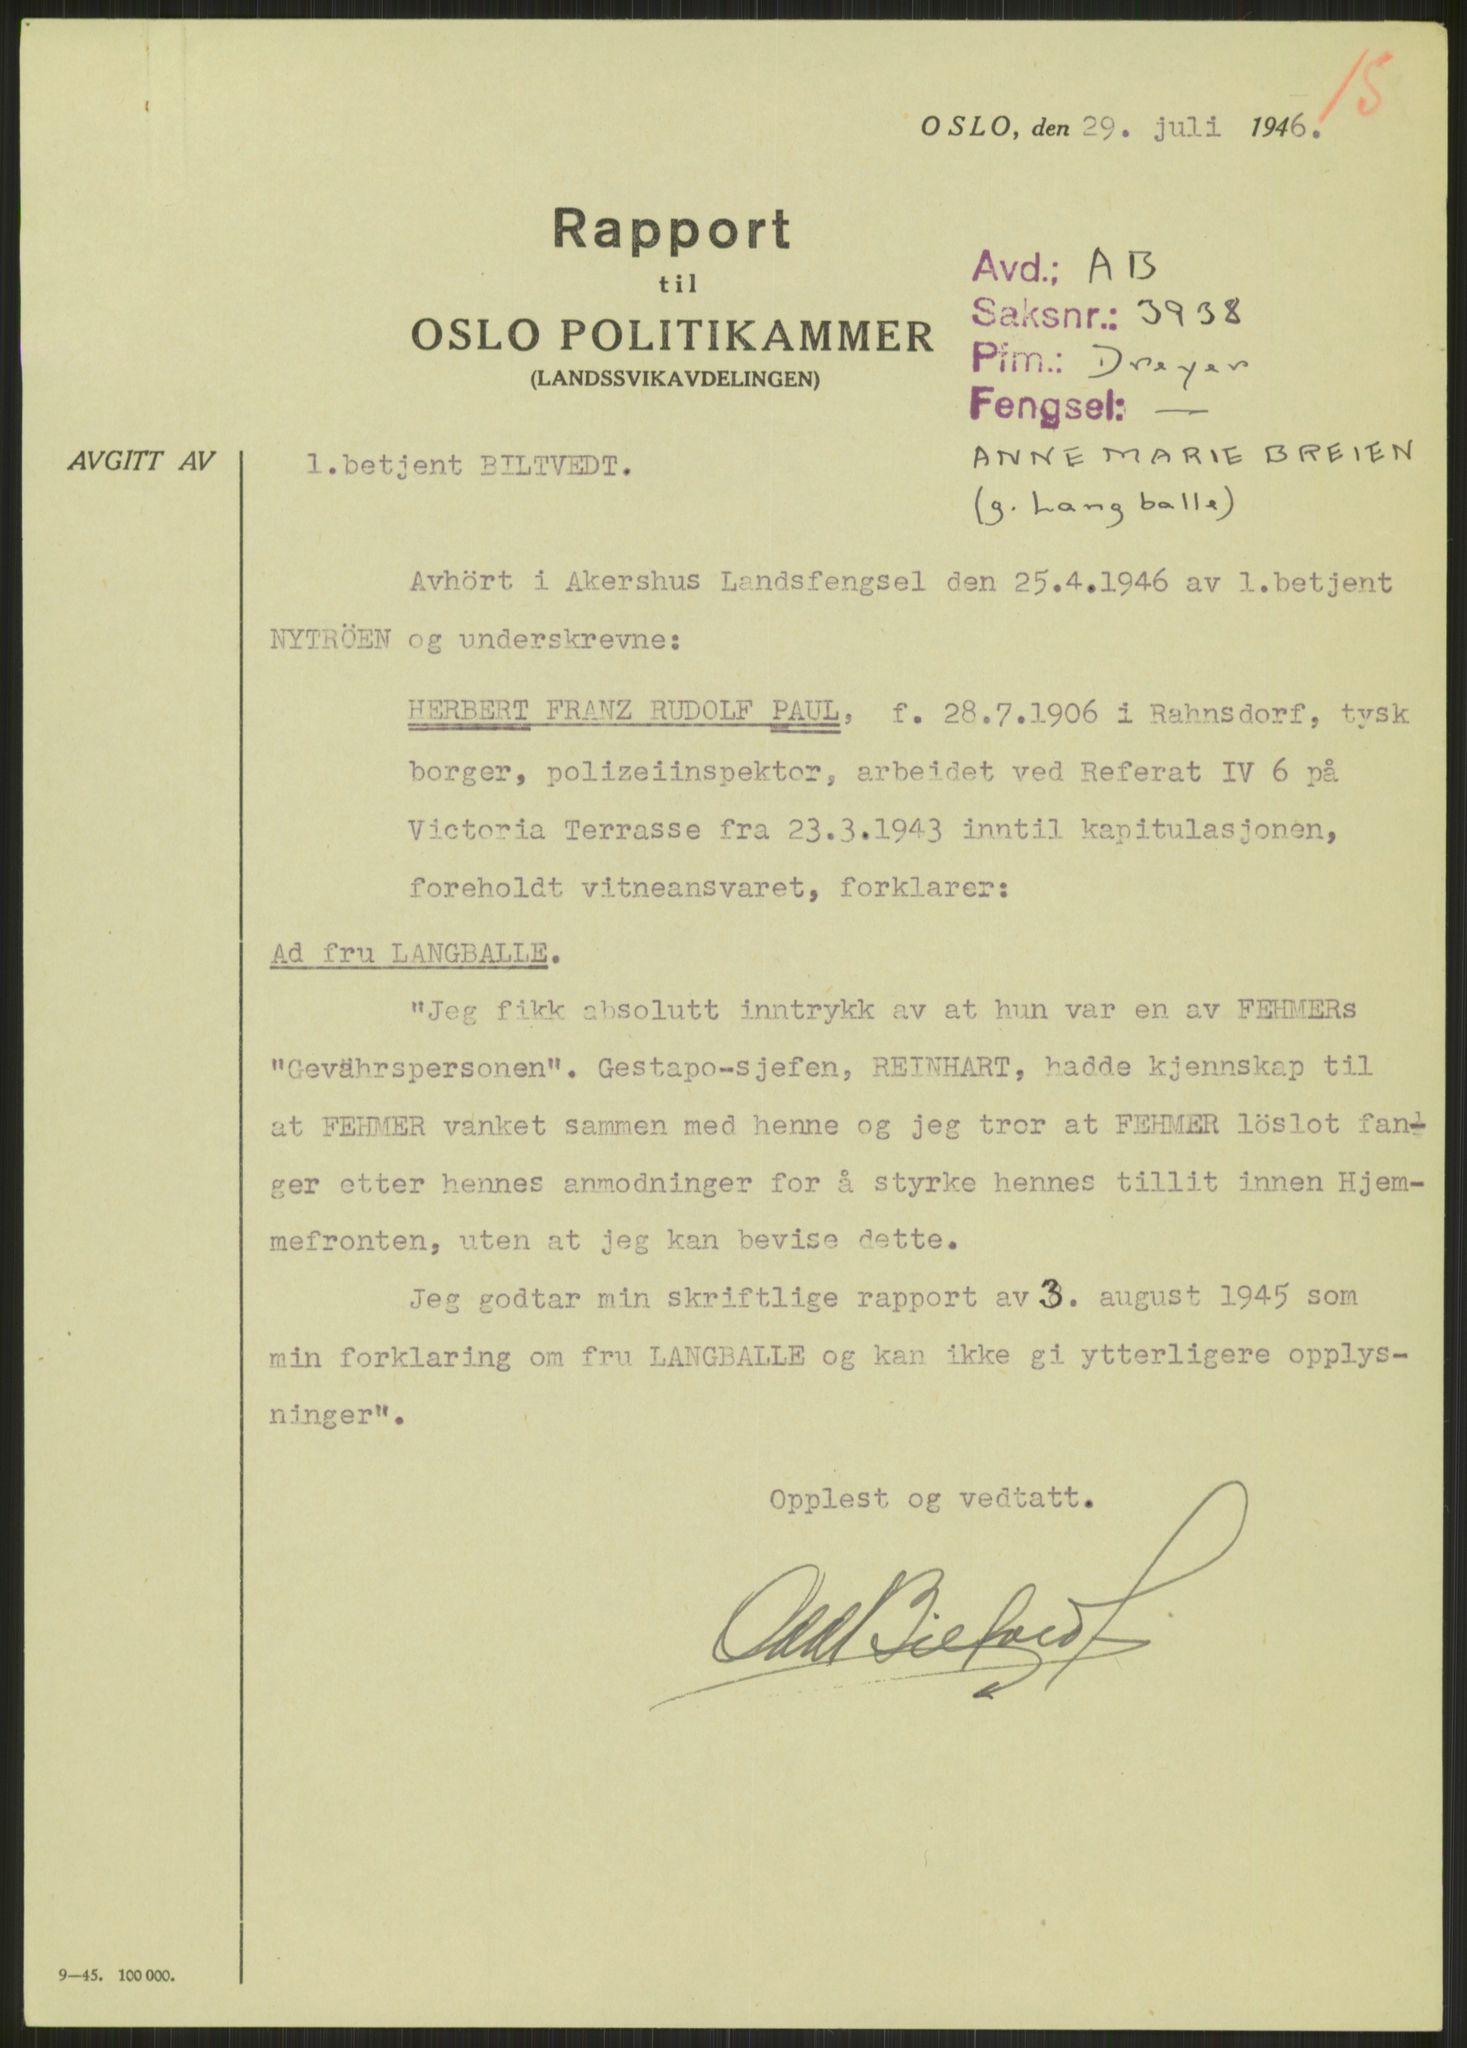 RA, Landssvikarkivet, Oslo politikammer, D/Dg/L0267: Henlagt hnr. 3658, 1945-1946, p. 249